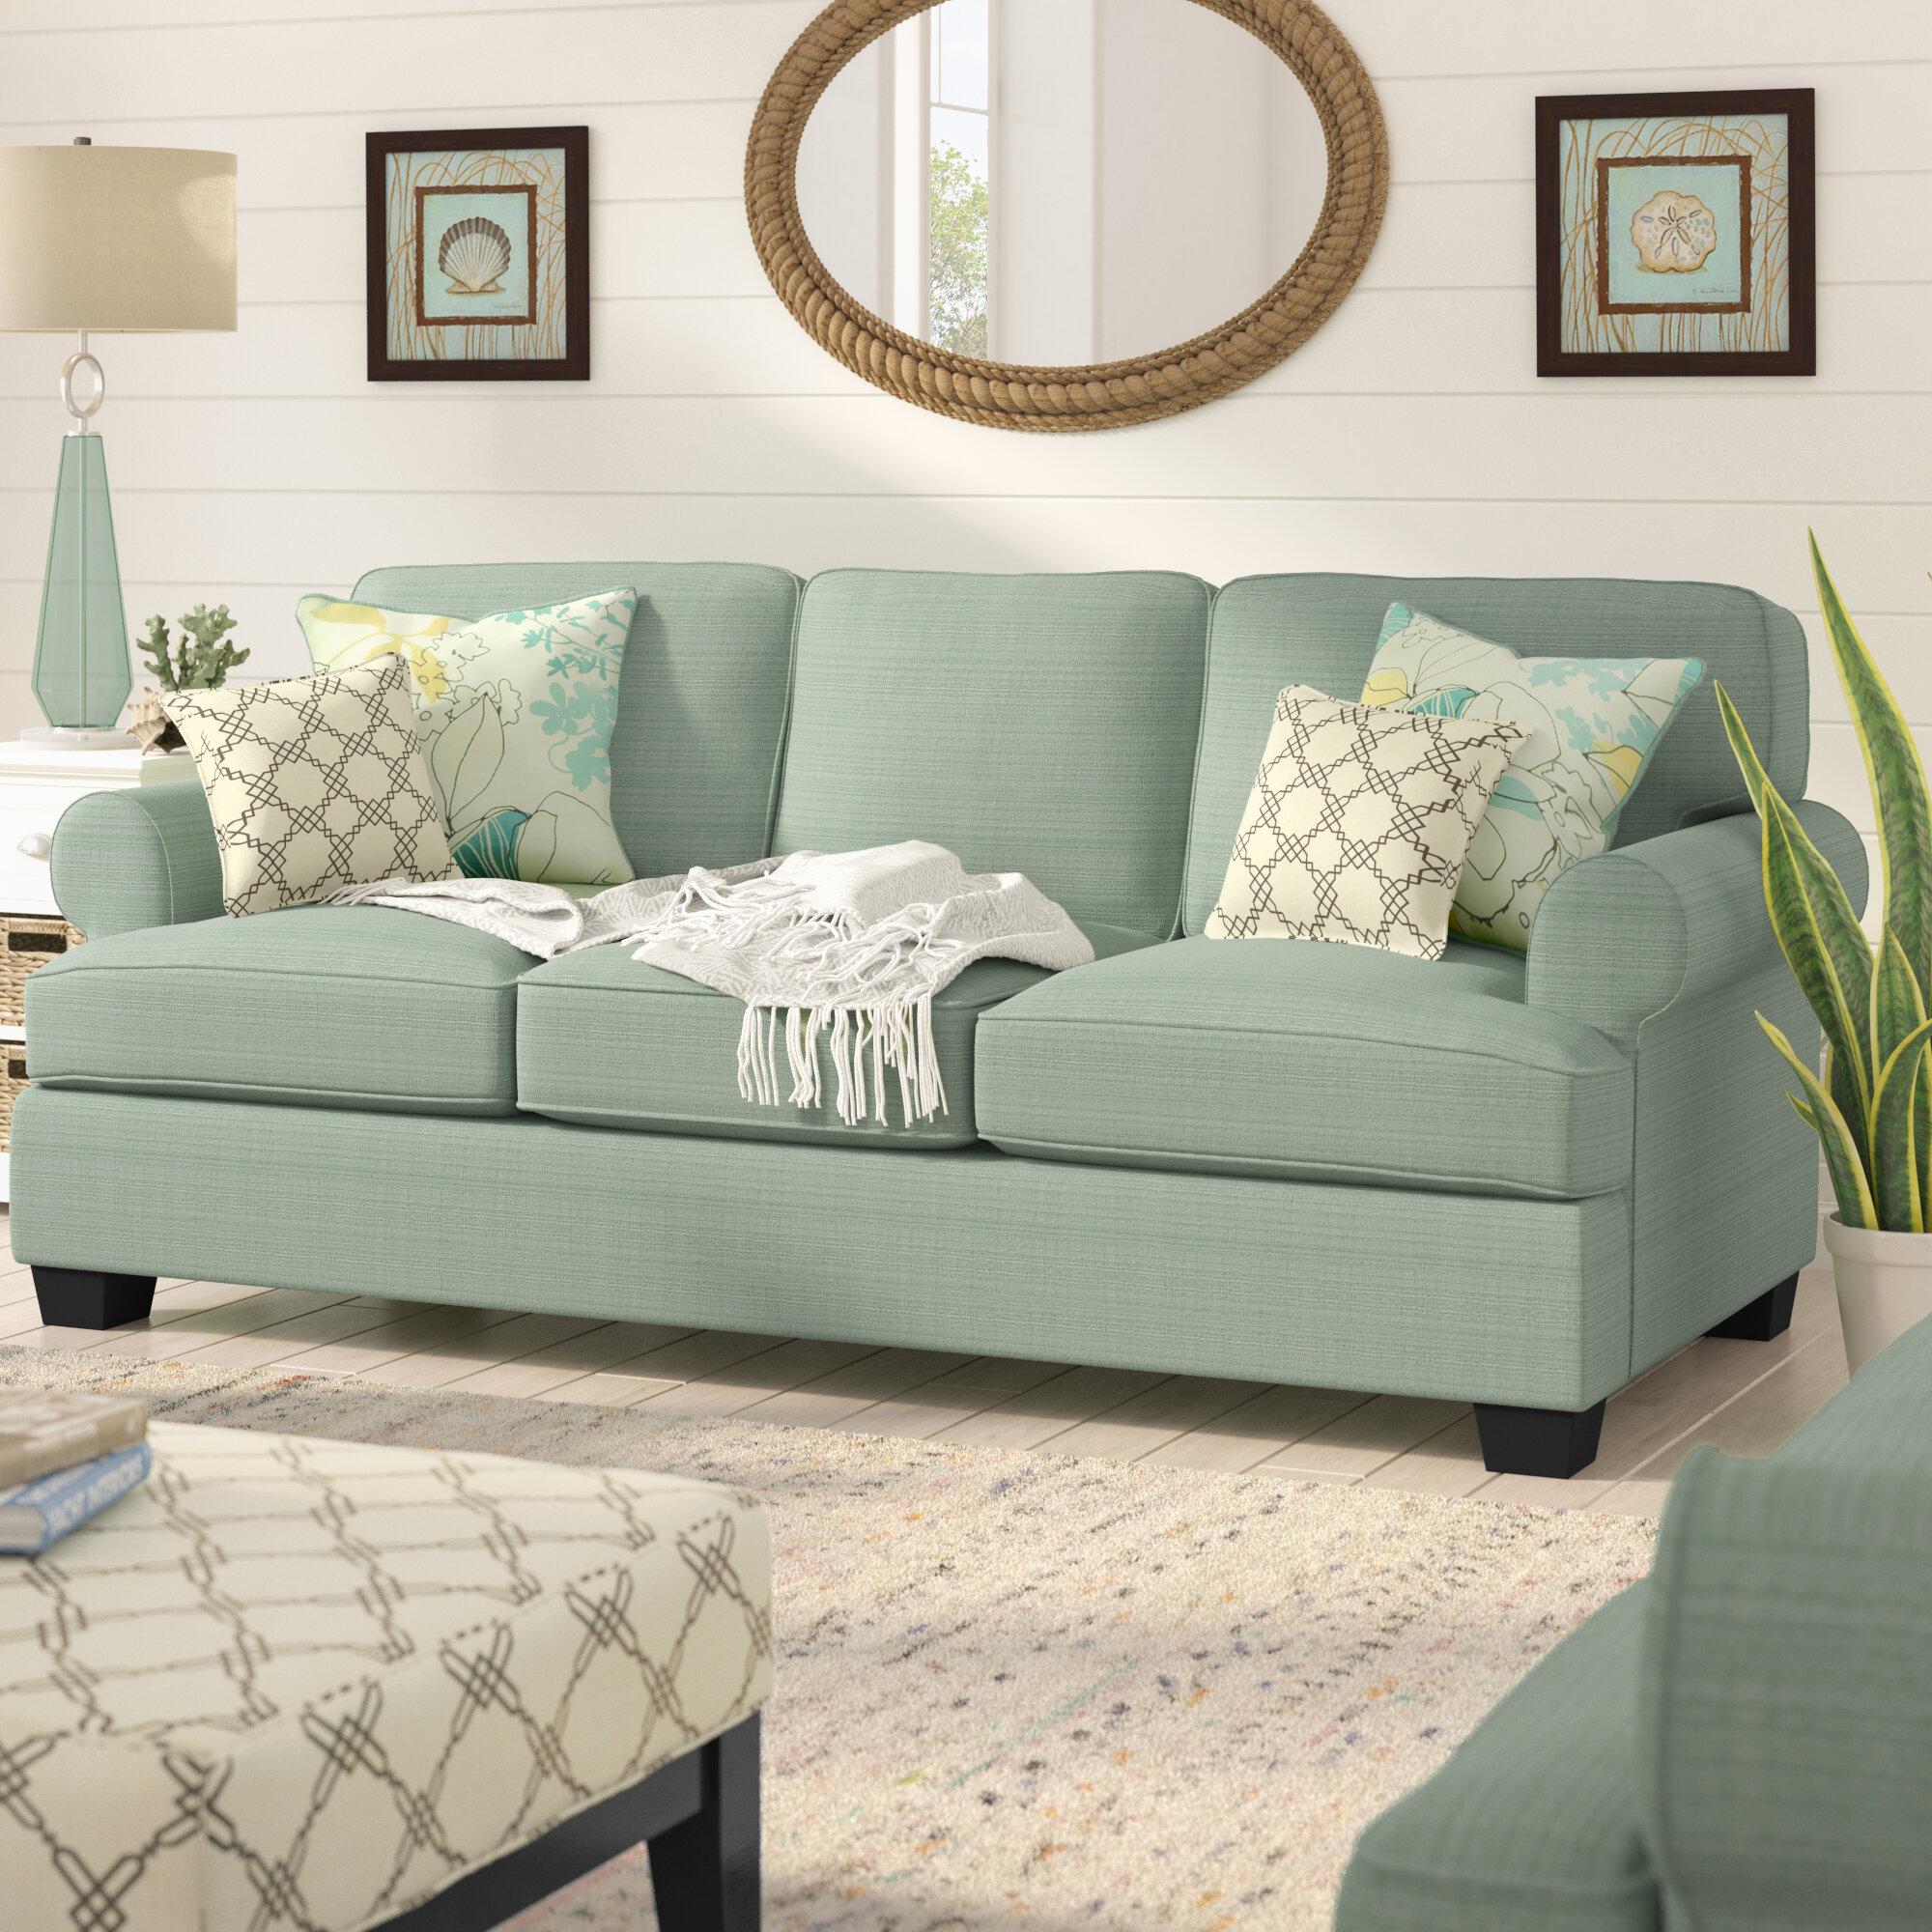 Beachcrest Home Inshore Queen Sleeper Sofa Reviews Wayfair